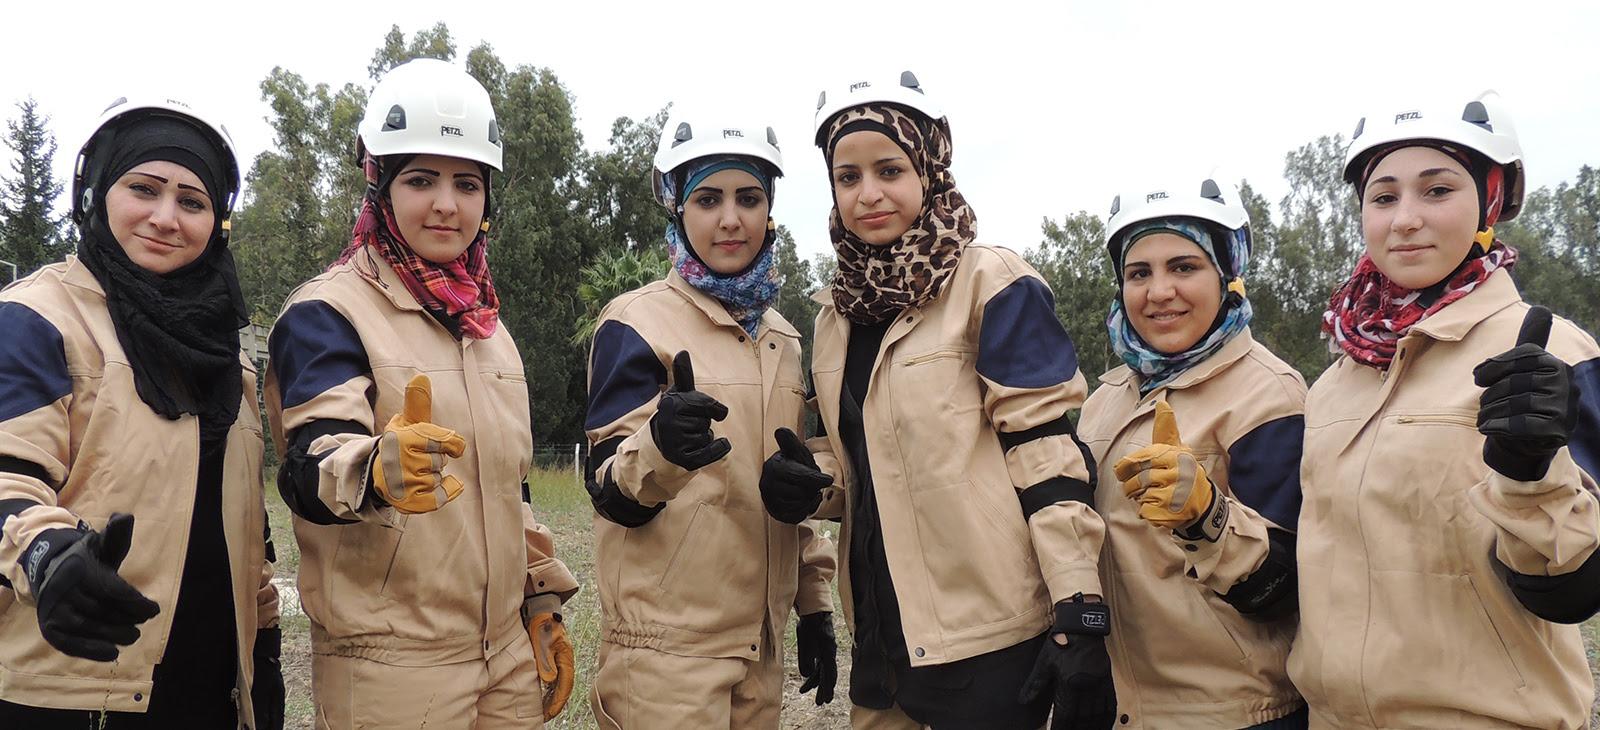 Αποτέλεσμα εικόνας για white helmets syria